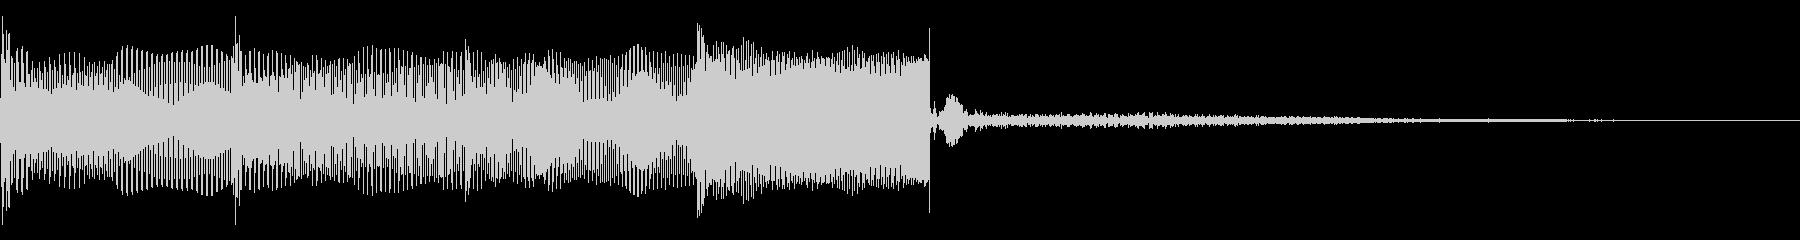 ピコン、決定音に使えます。の未再生の波形